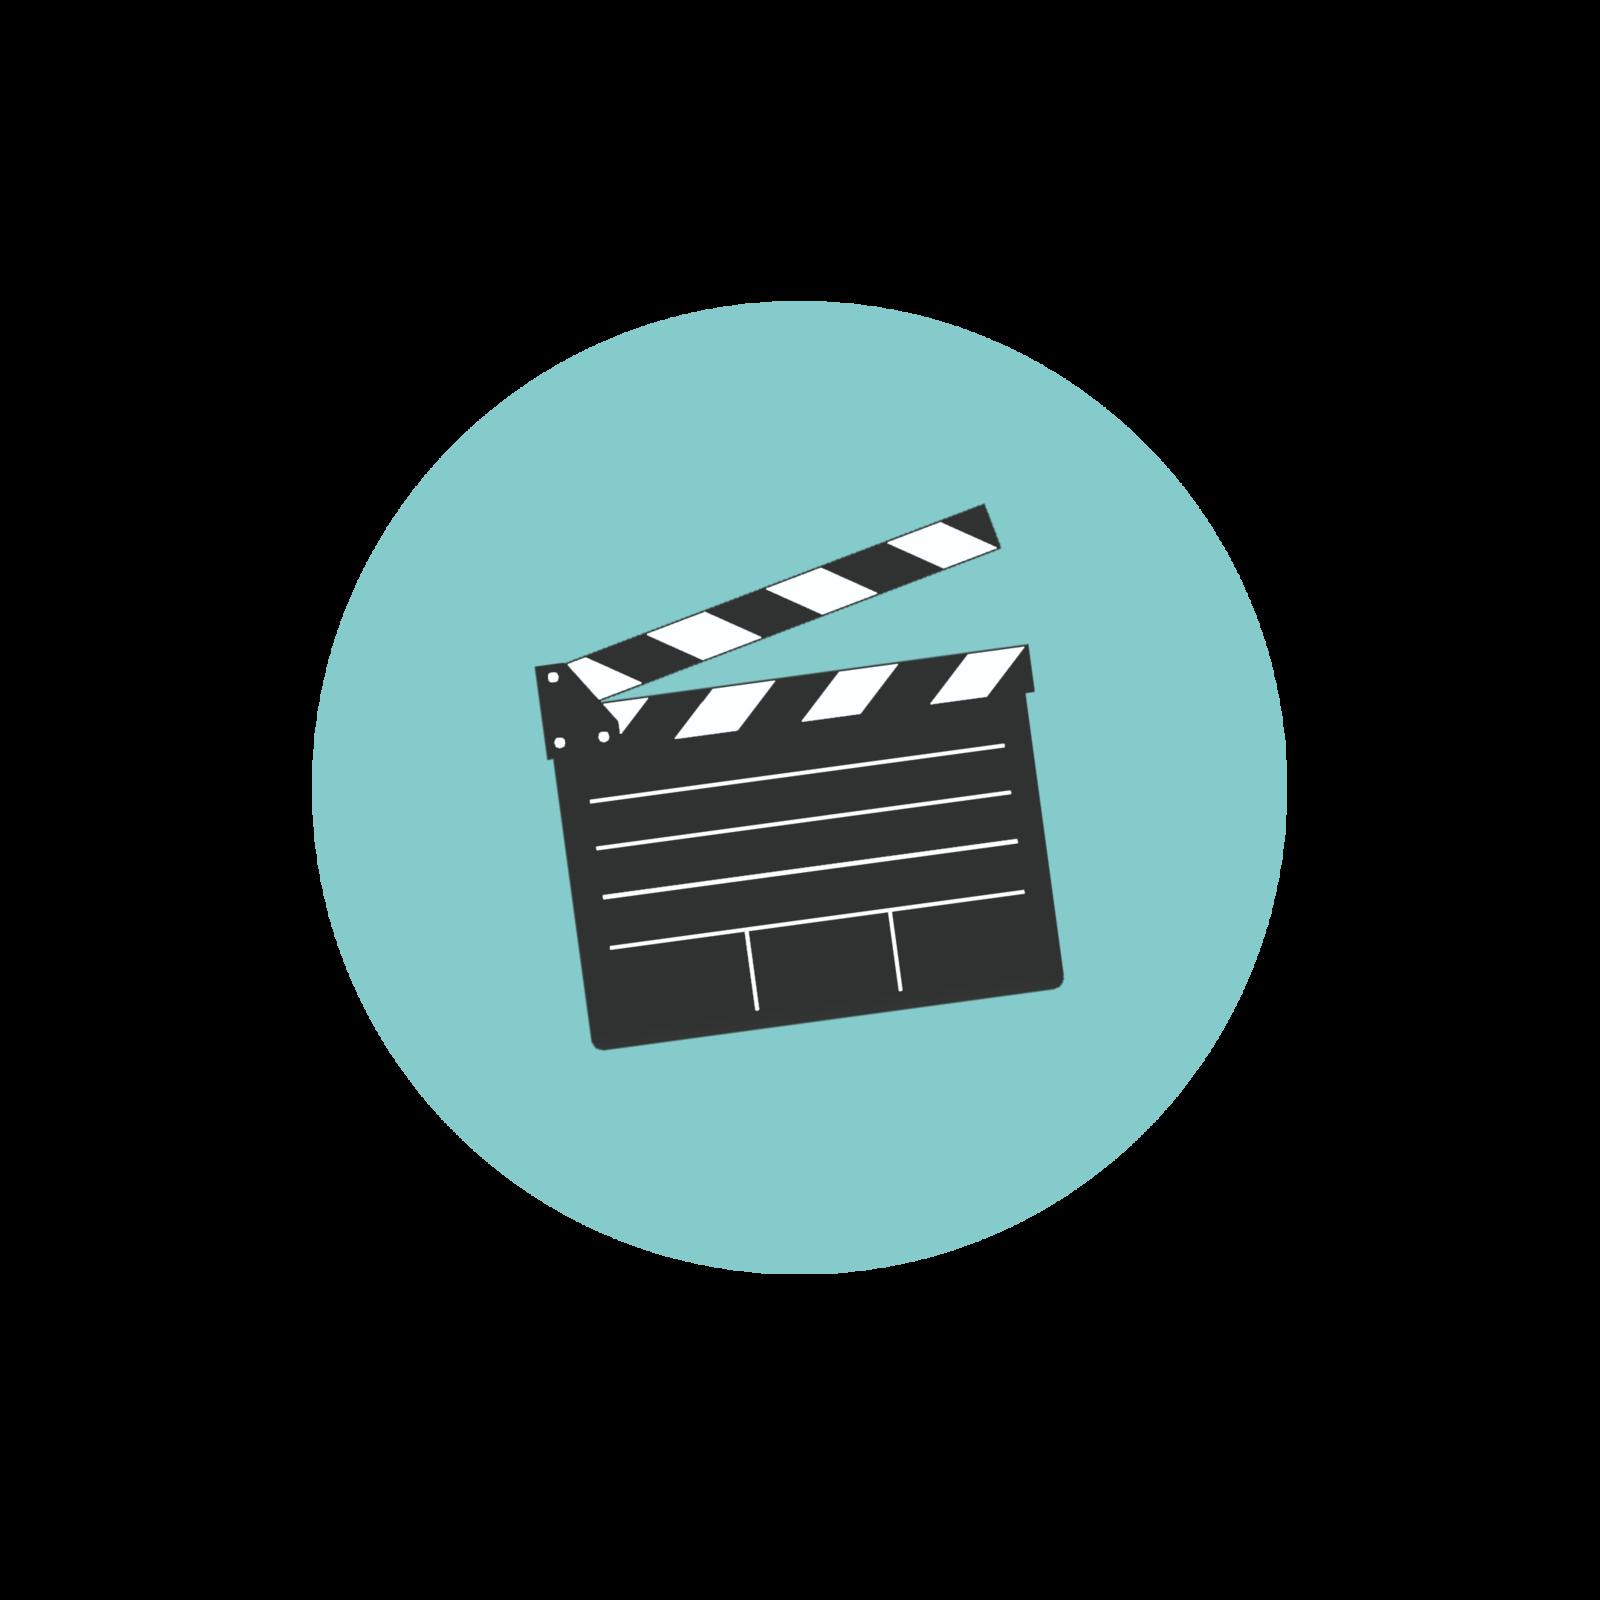 Samuel Le Bihan tourne pour France 2 un téléfilm sur l'autisme, T'en fais pas, j'suis là.